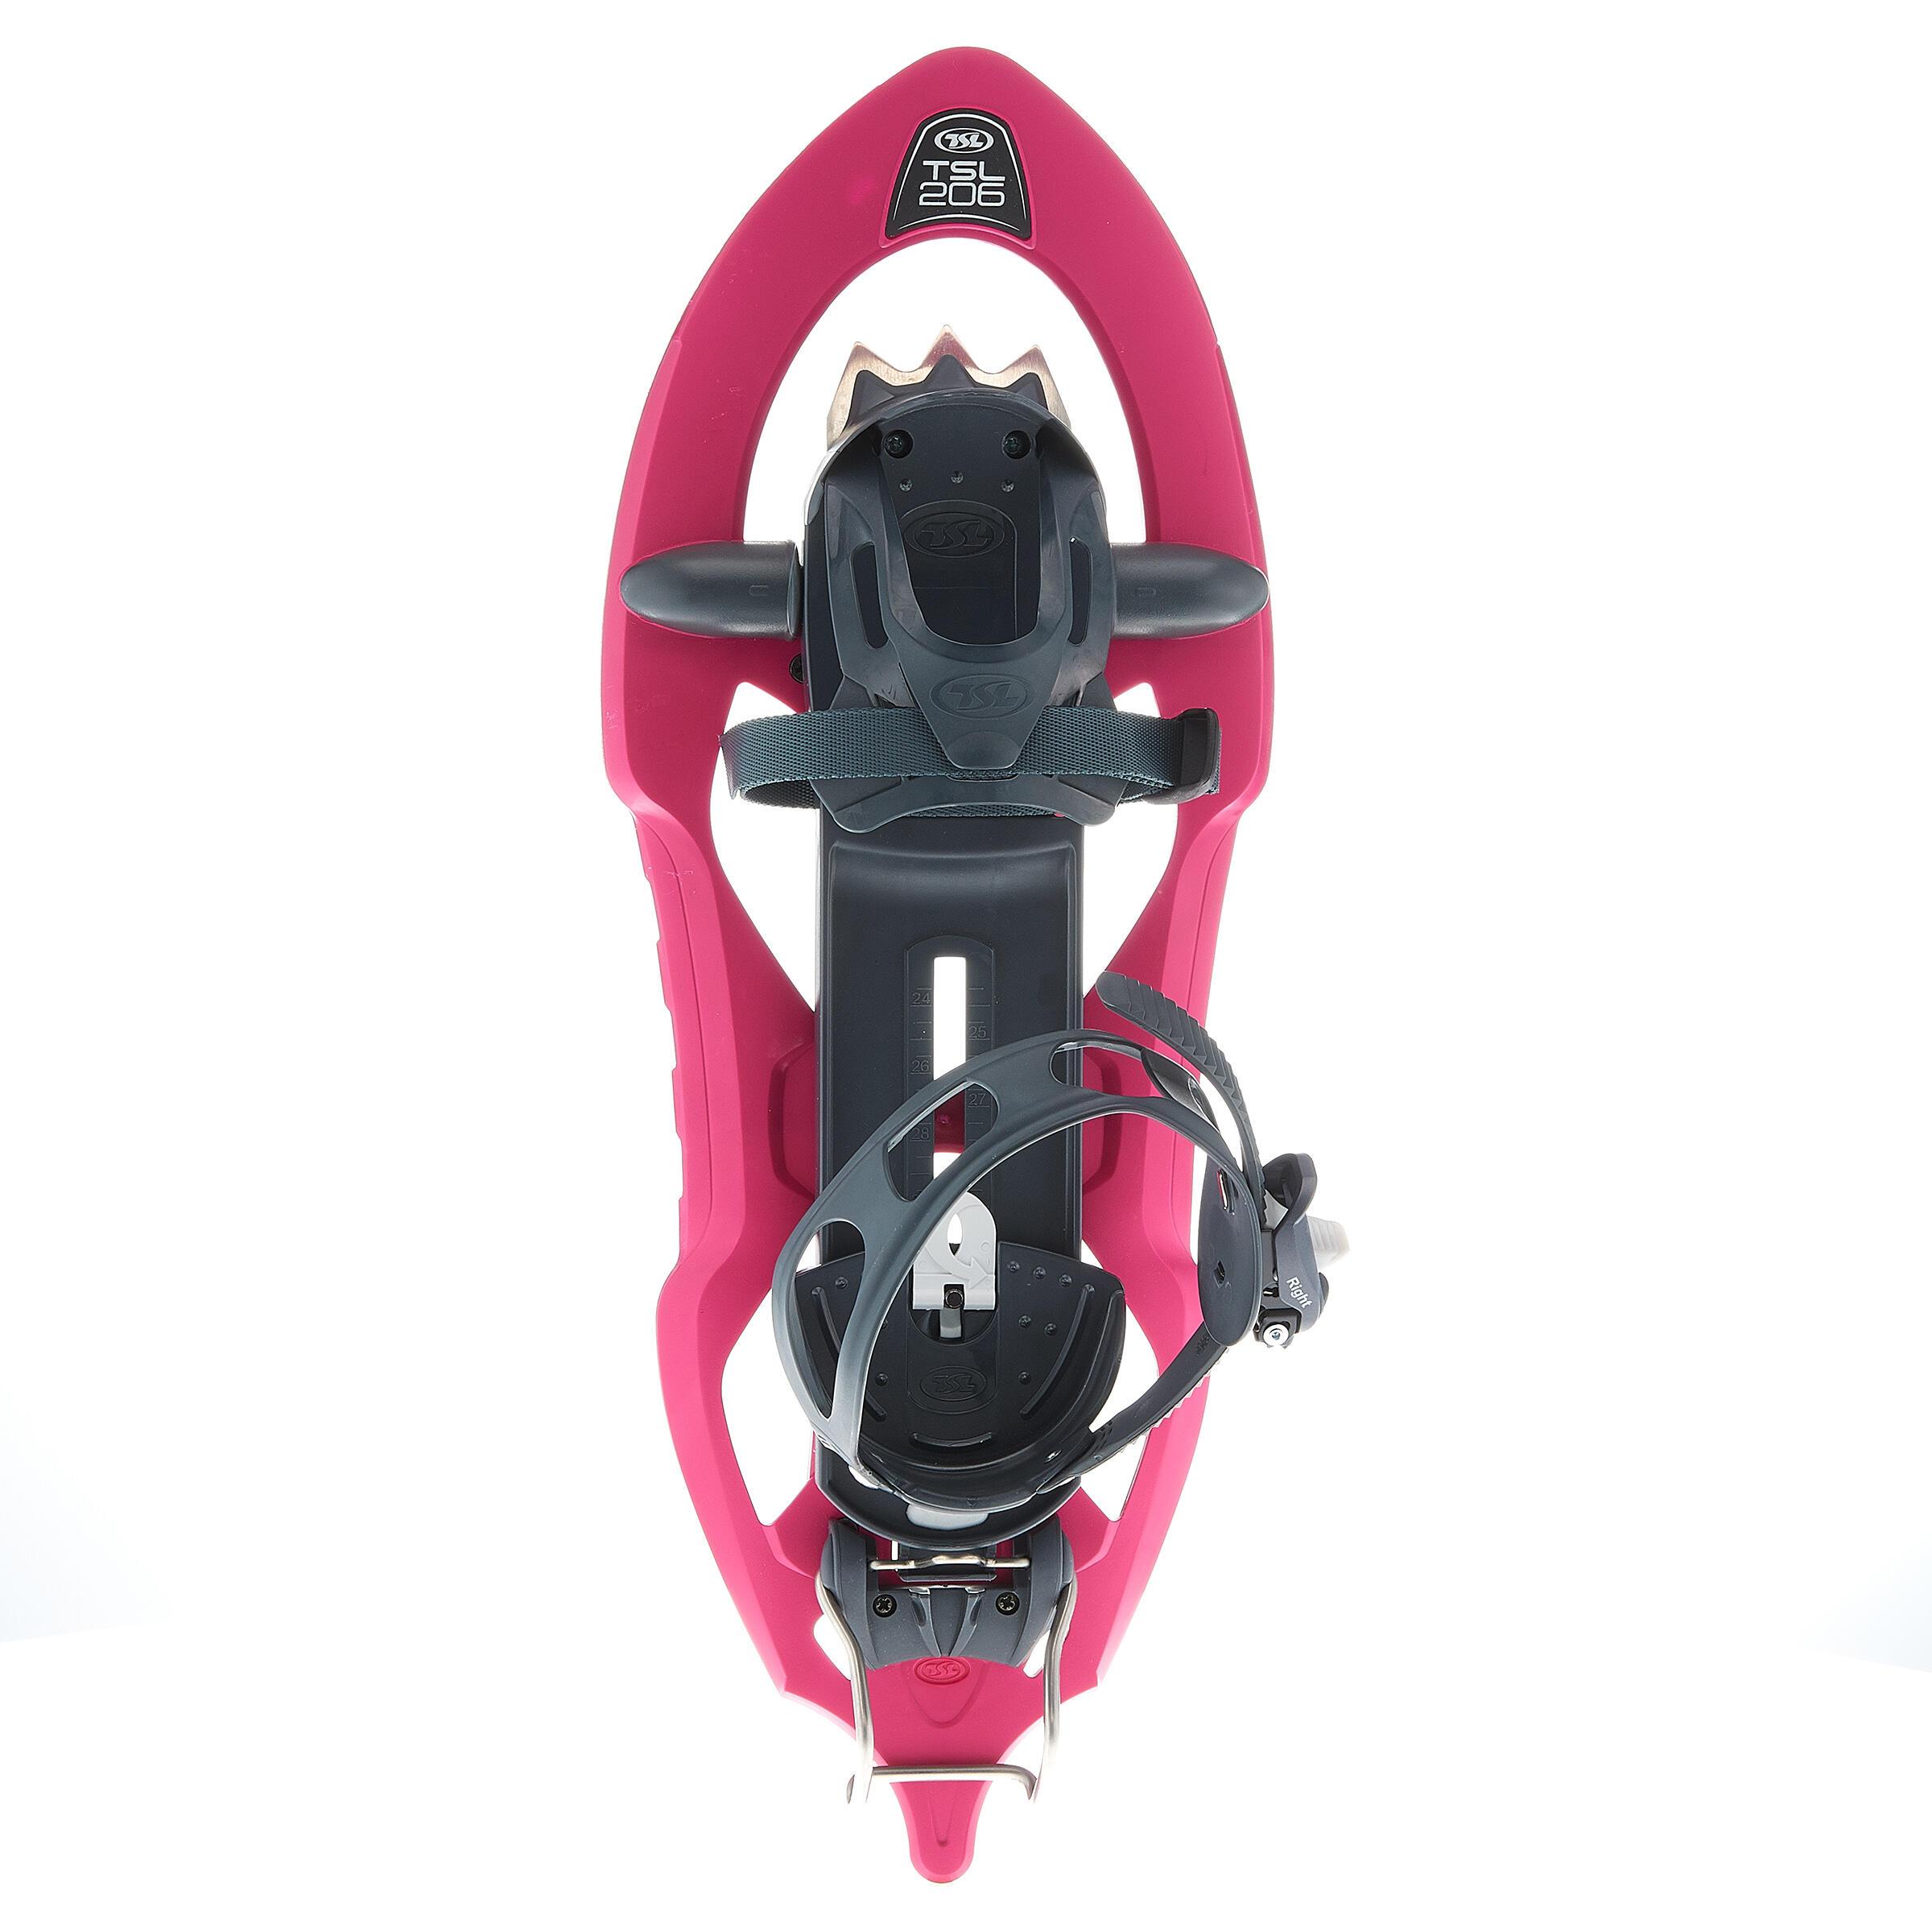 Schneeschuhe TSL 206 EVO kleiner Rahmen pink | Schuhe > Sportschuhe > Schneeschuhe | Tsl